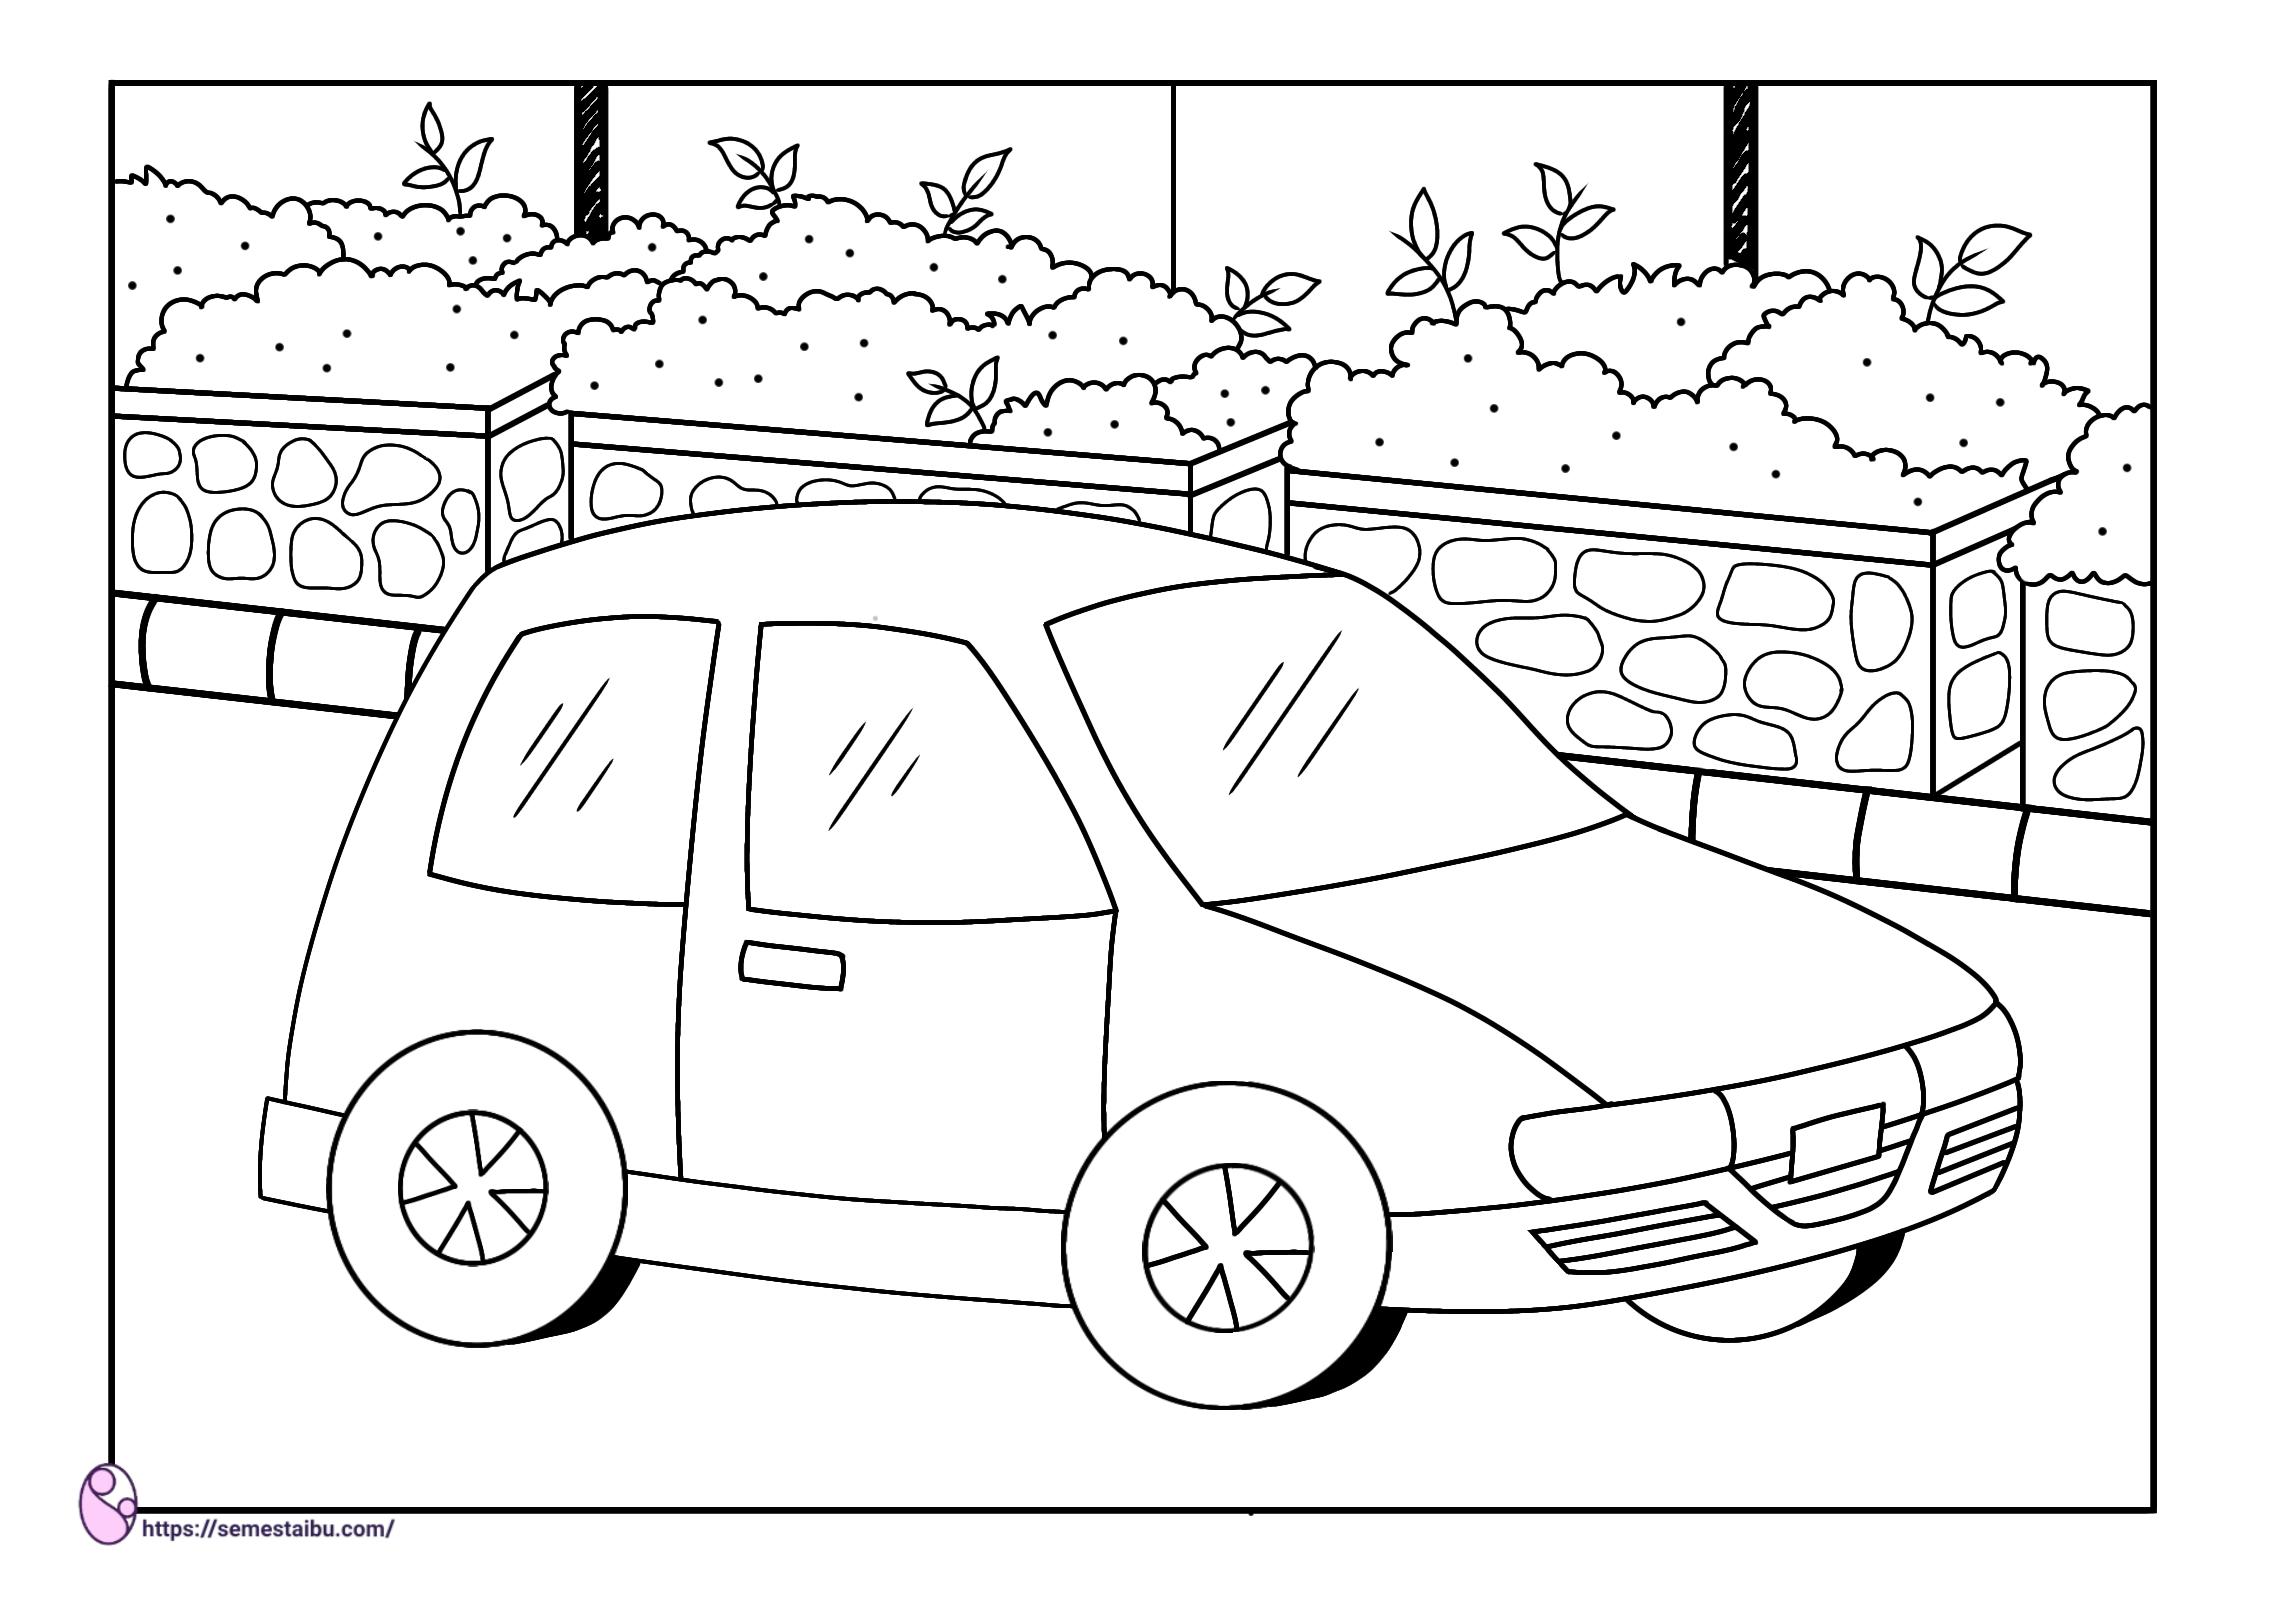 Gambar mewarnai - mobil - kendaraan